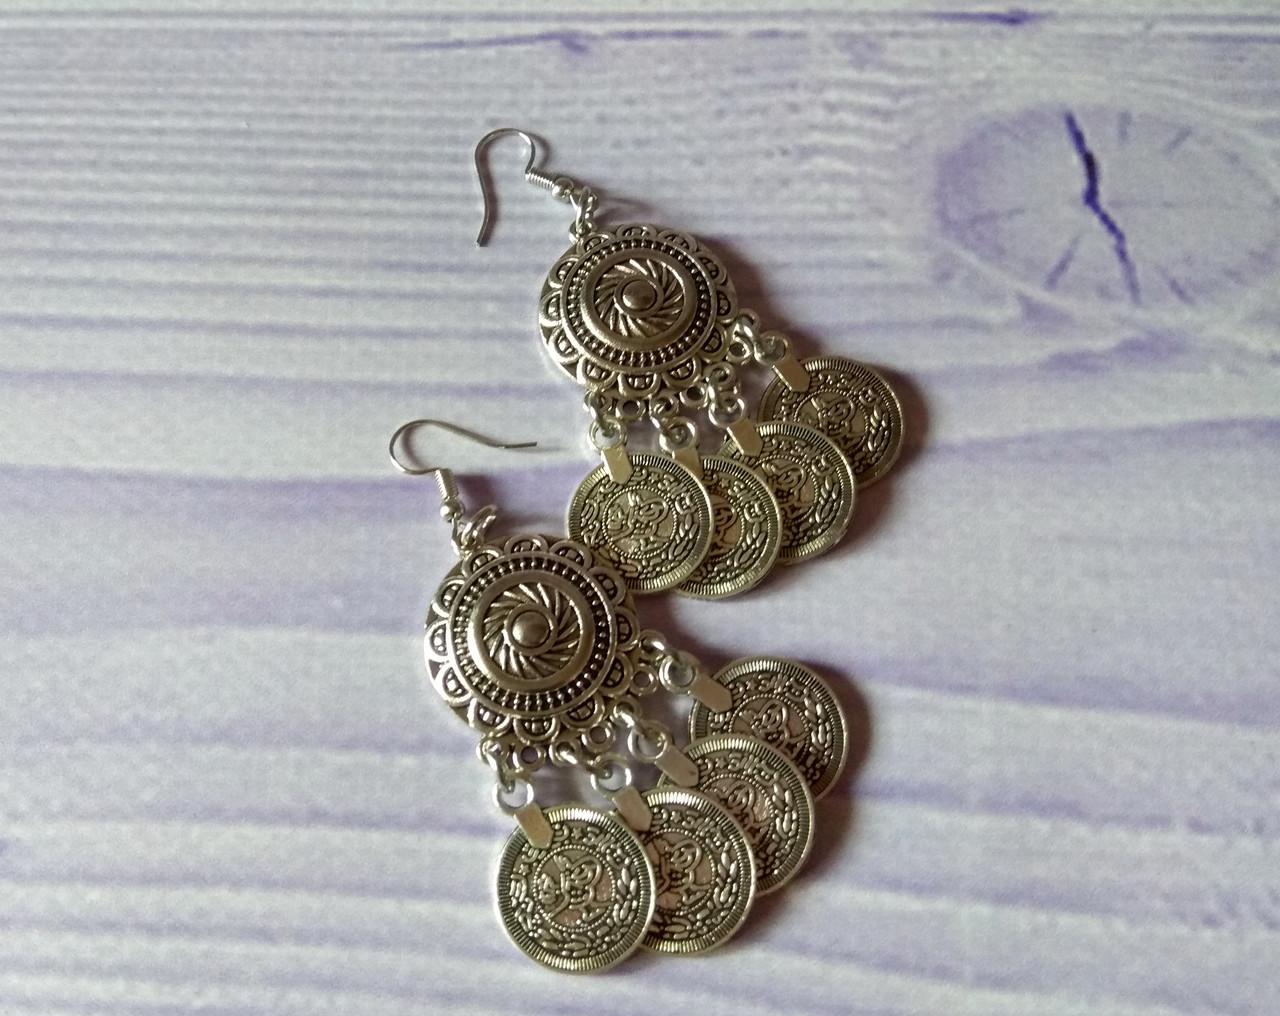 Серьги круглые Восточные с монетами. Серьги для восточных танцев